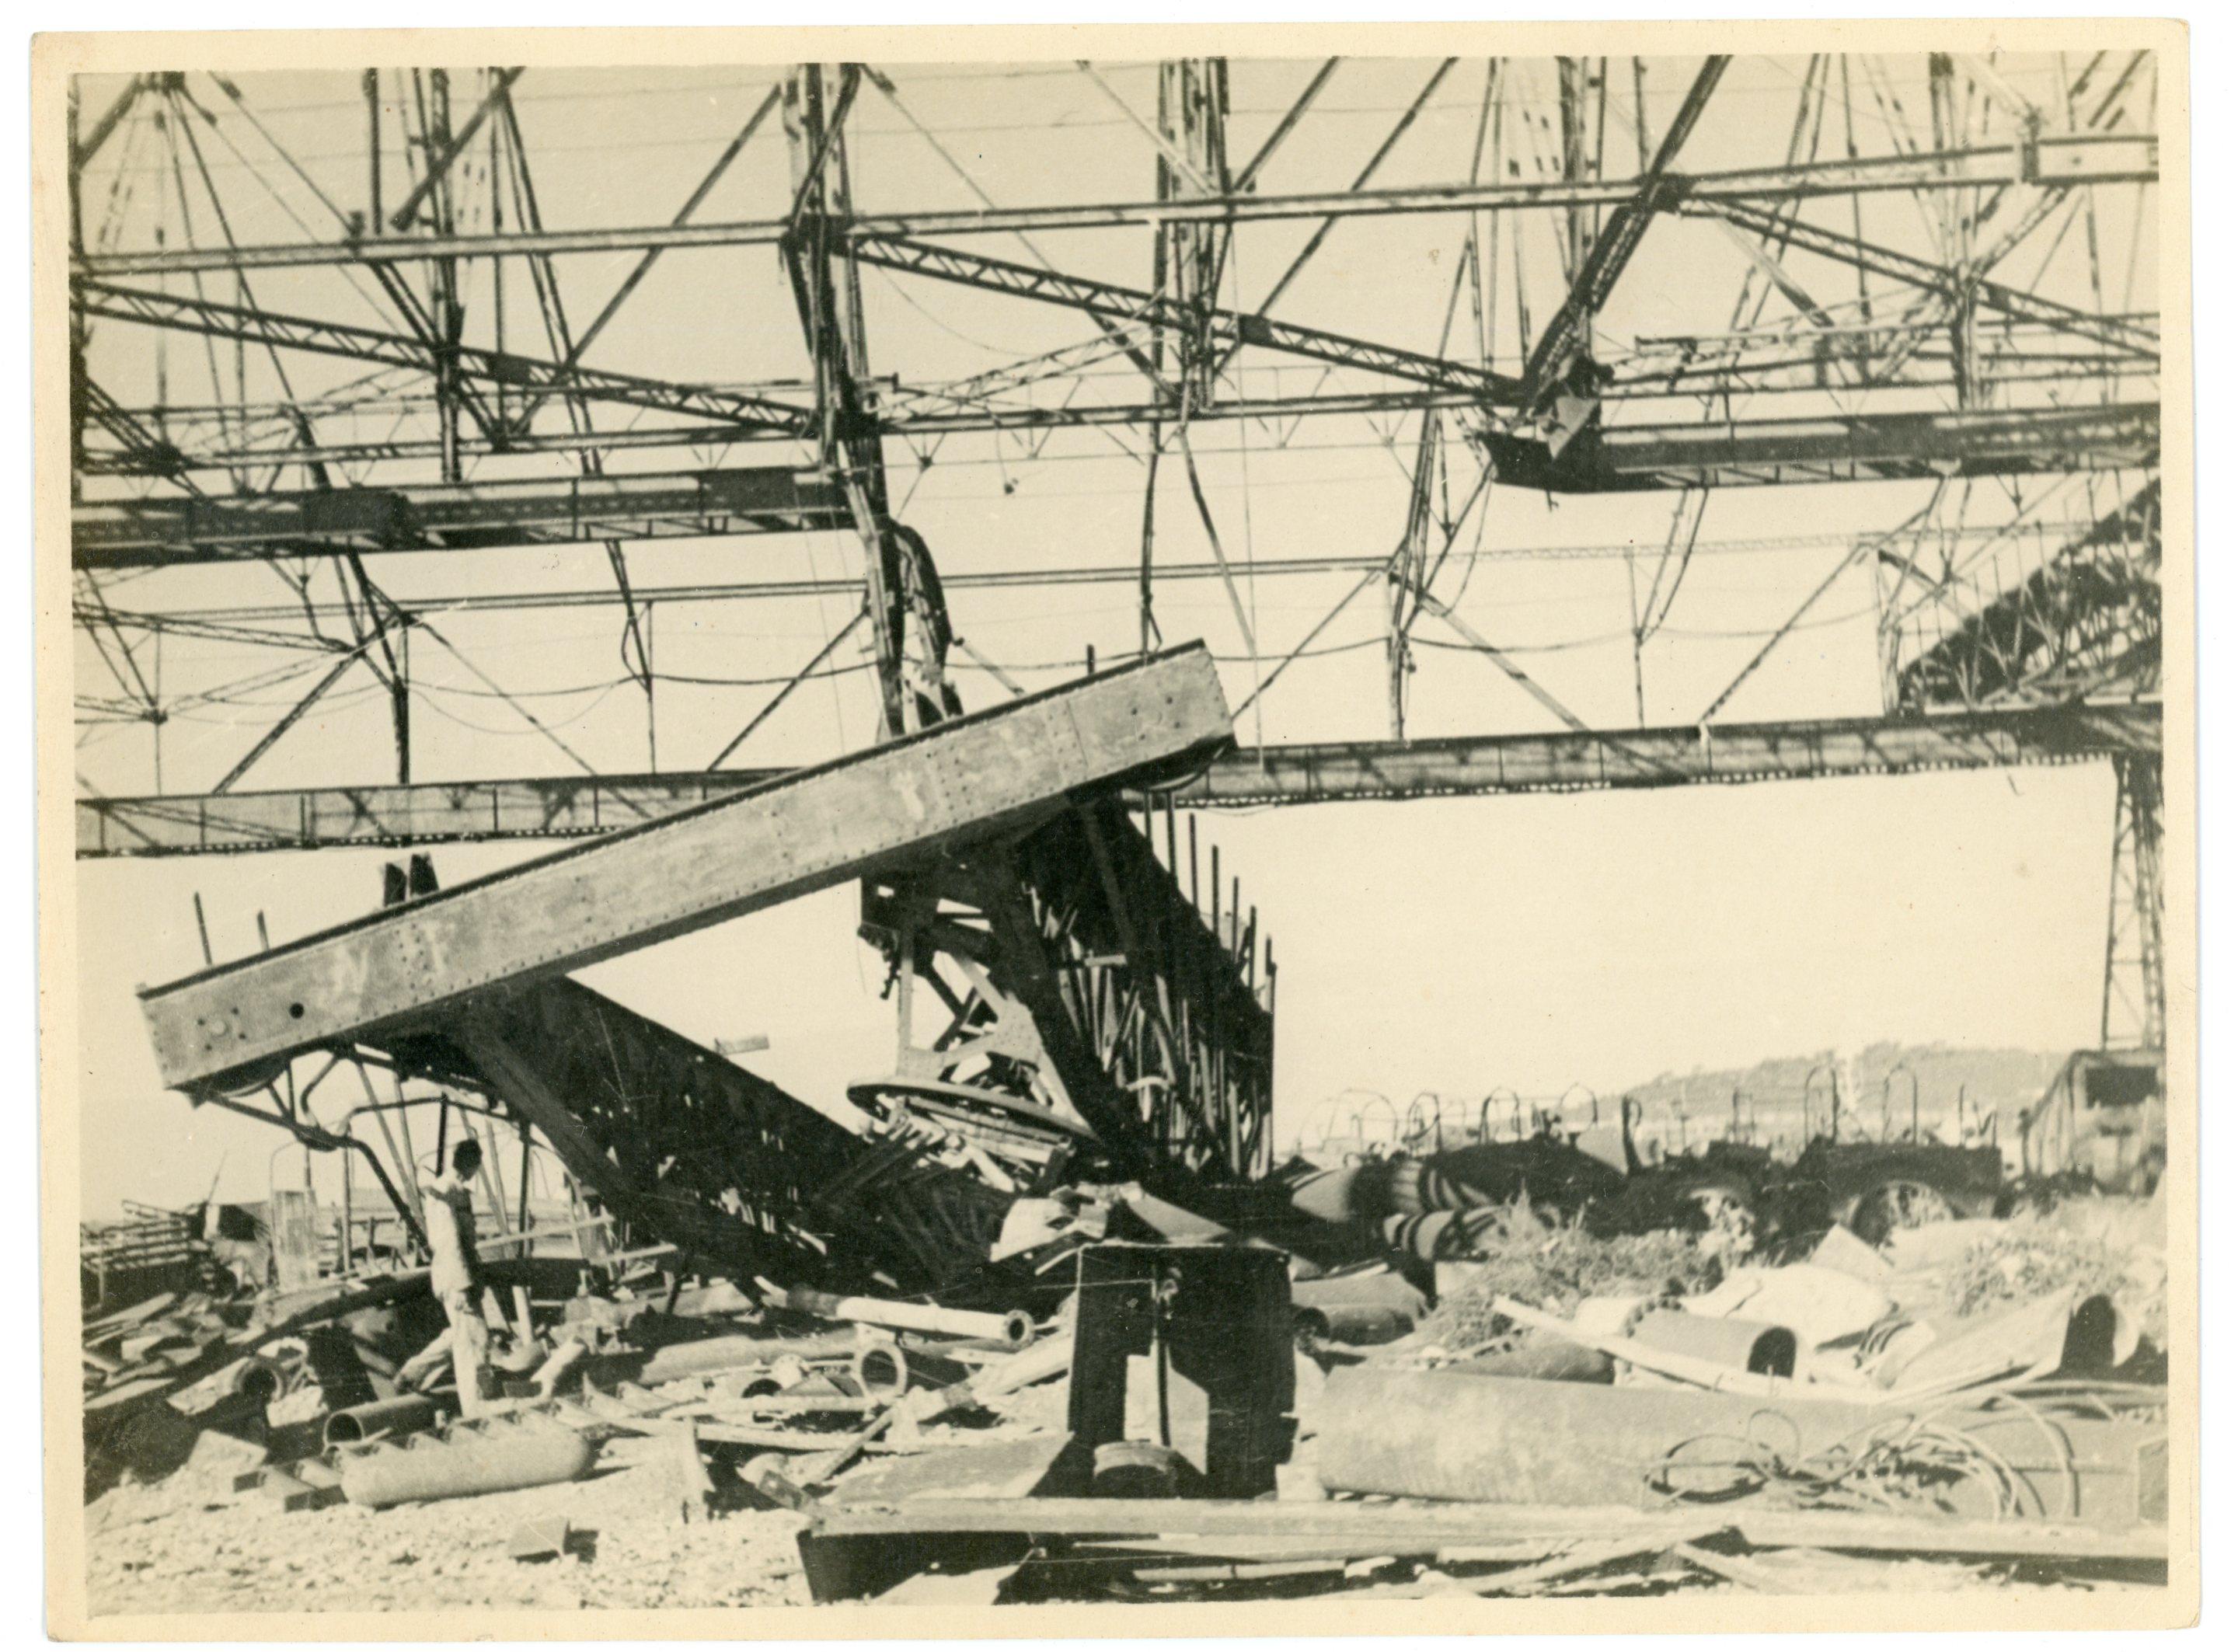 Tijekom Drugog svjetskog rata, luka i brodogradilište u Puli bili su od iznimne strateške važnosti. Nakon kapitulacije Italije i povlačenja iz svjetskog rata, 1943. godine, Pula dolazi pod njemačku vojnu vlast. Čitav grad, a posebno brodogradilište i luka, pretrpjeli su veliku štetu tijekom zračnih napada savezničkih sila. Na fotografiji je prikazana uništena konstrukcija dizalice u brodogradilištu na otoku Uljanik nakon savezničkog bombardiranja 1944. godine.